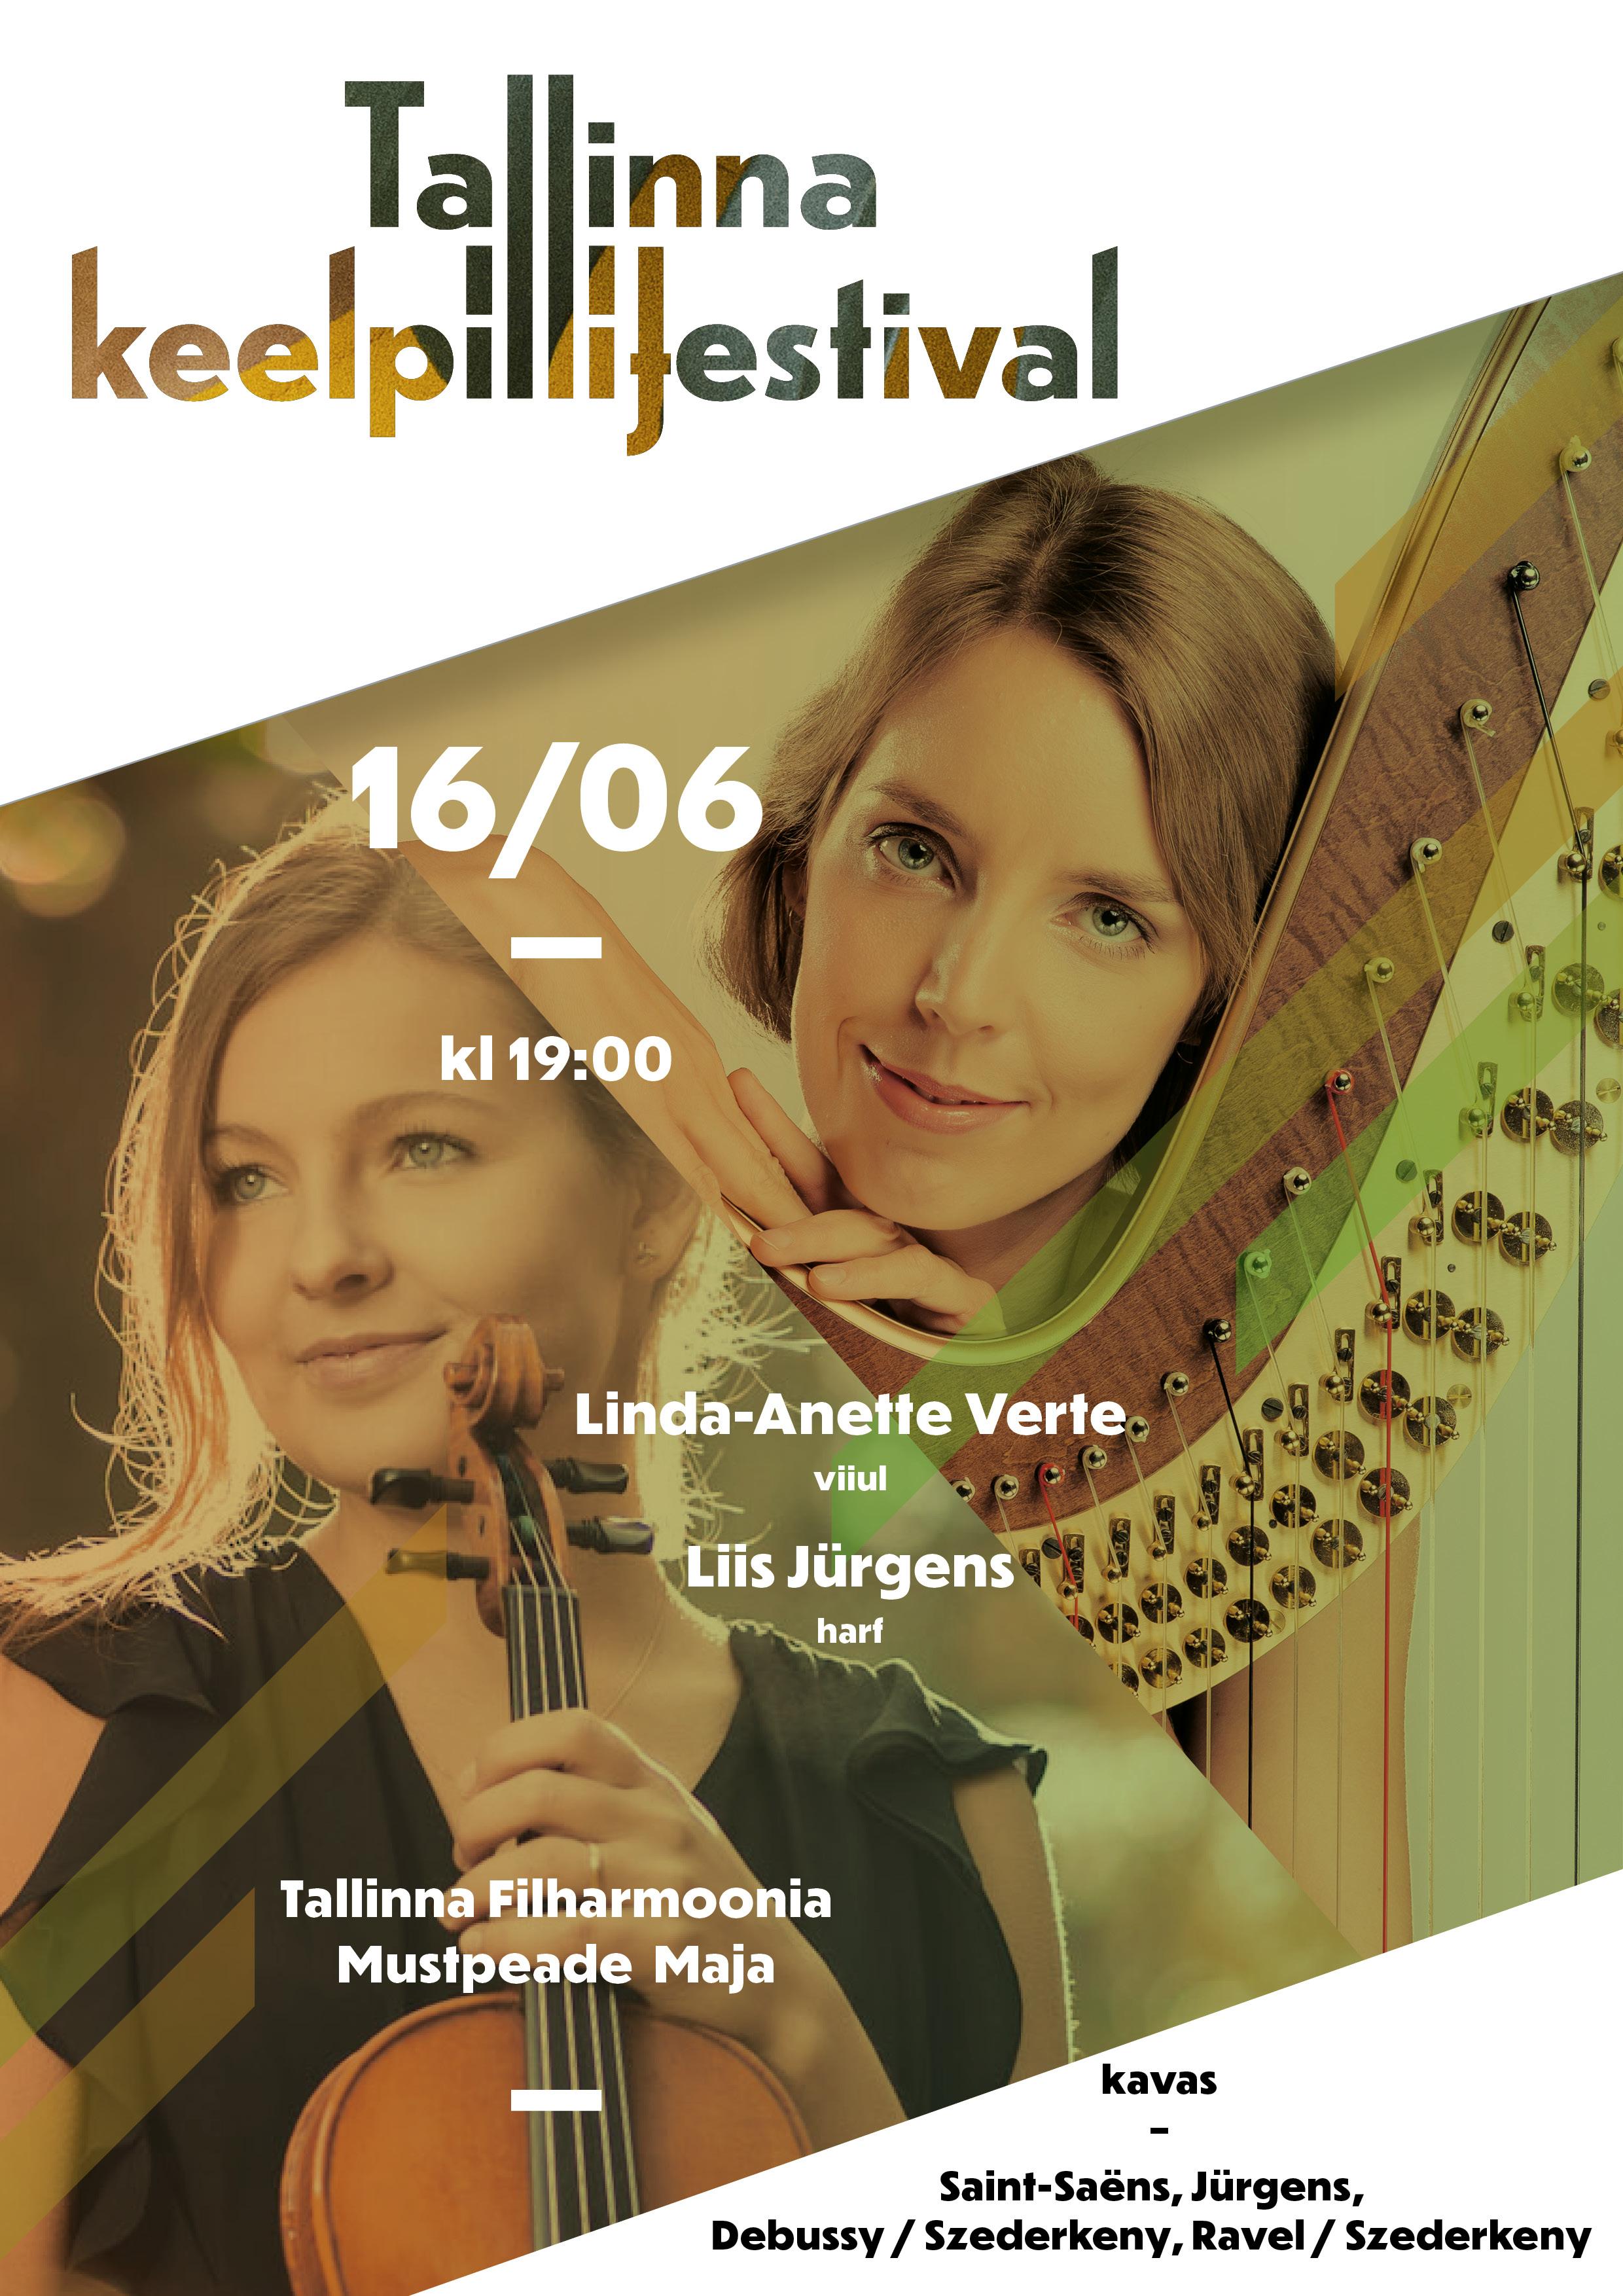 Linda-Anette Verte (viiul), Liis Jürgens (harf) / Tallinna Keelpillifestival